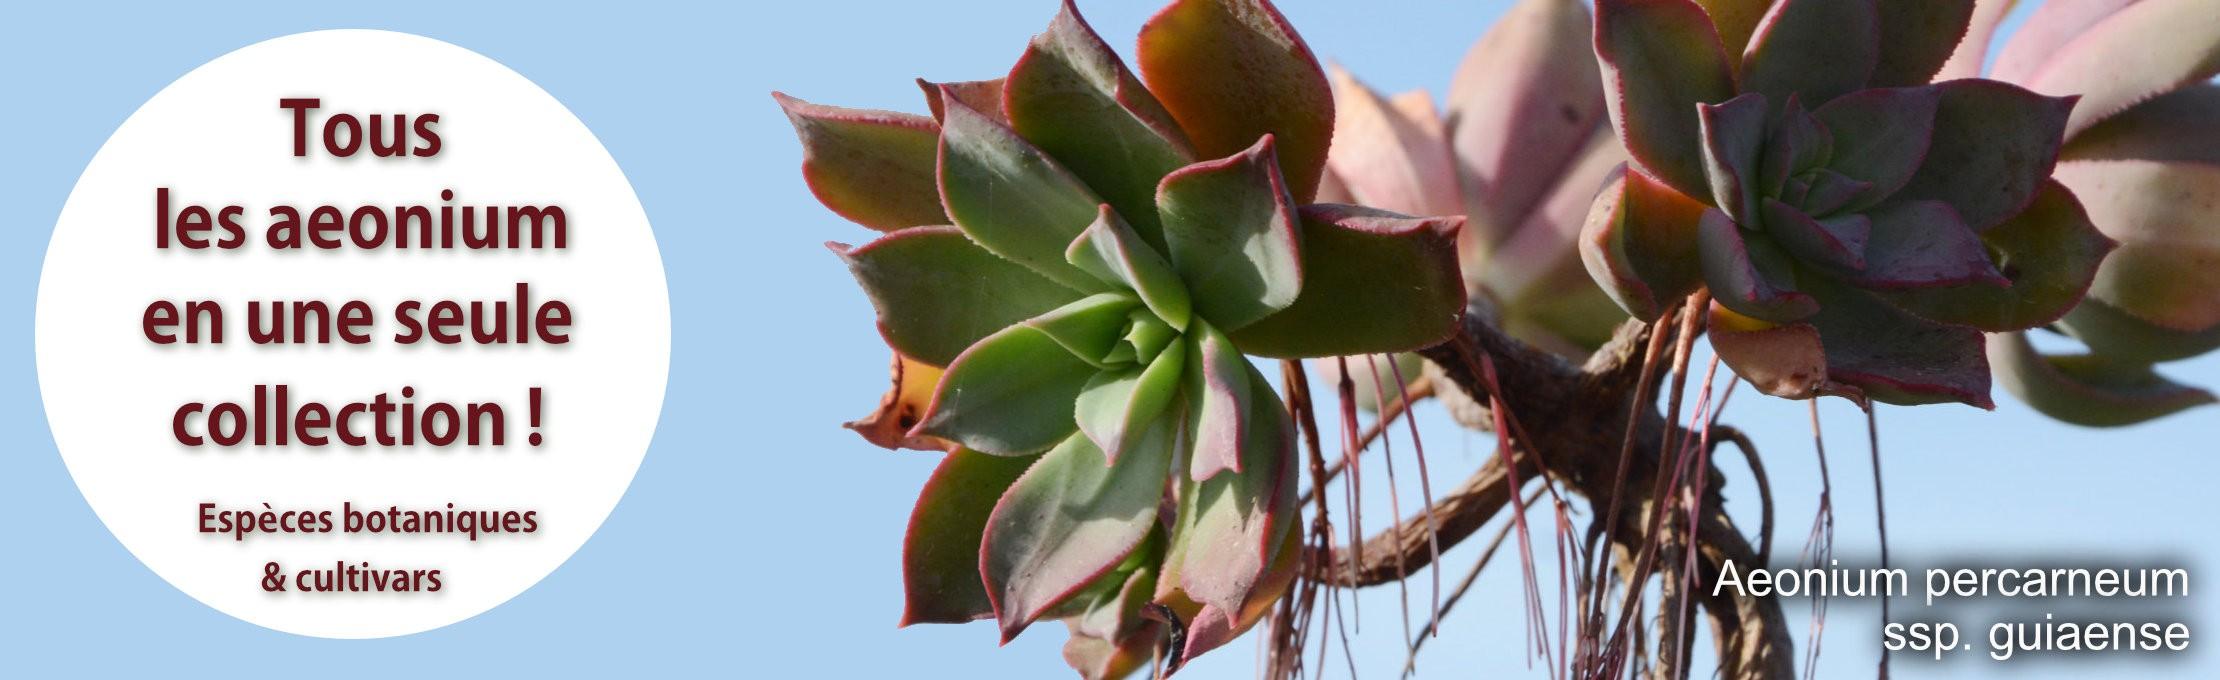 Découvrez tous les aeonium botaniques